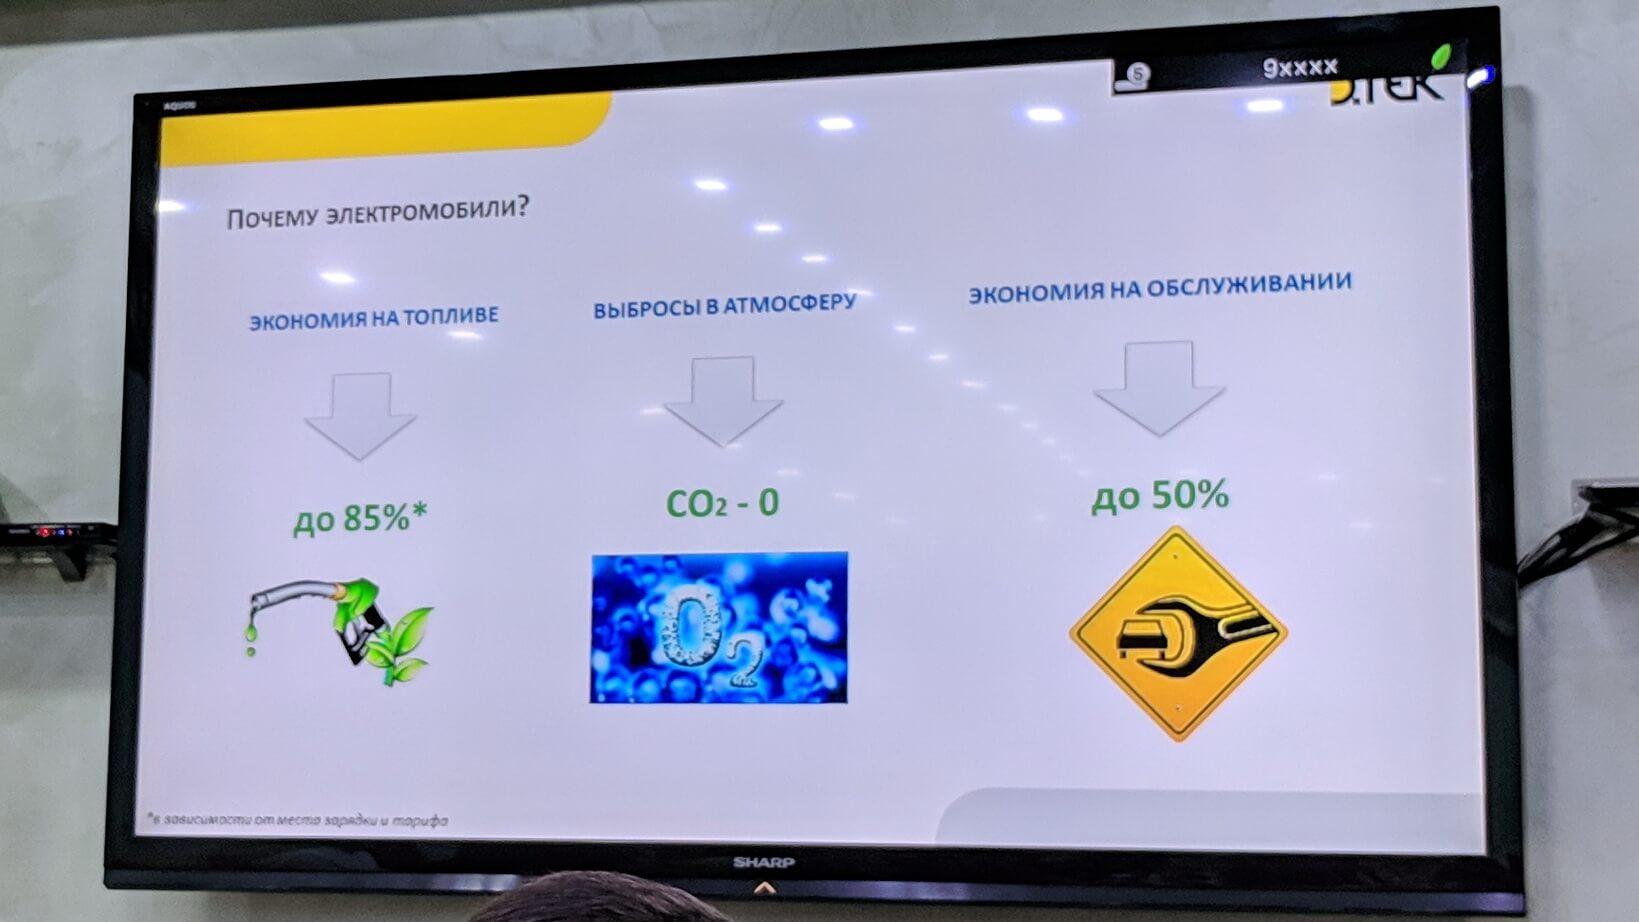 По расчетам компании переход наэлектромобили сократит вредные выбросы СО2на 230 тонн вгод